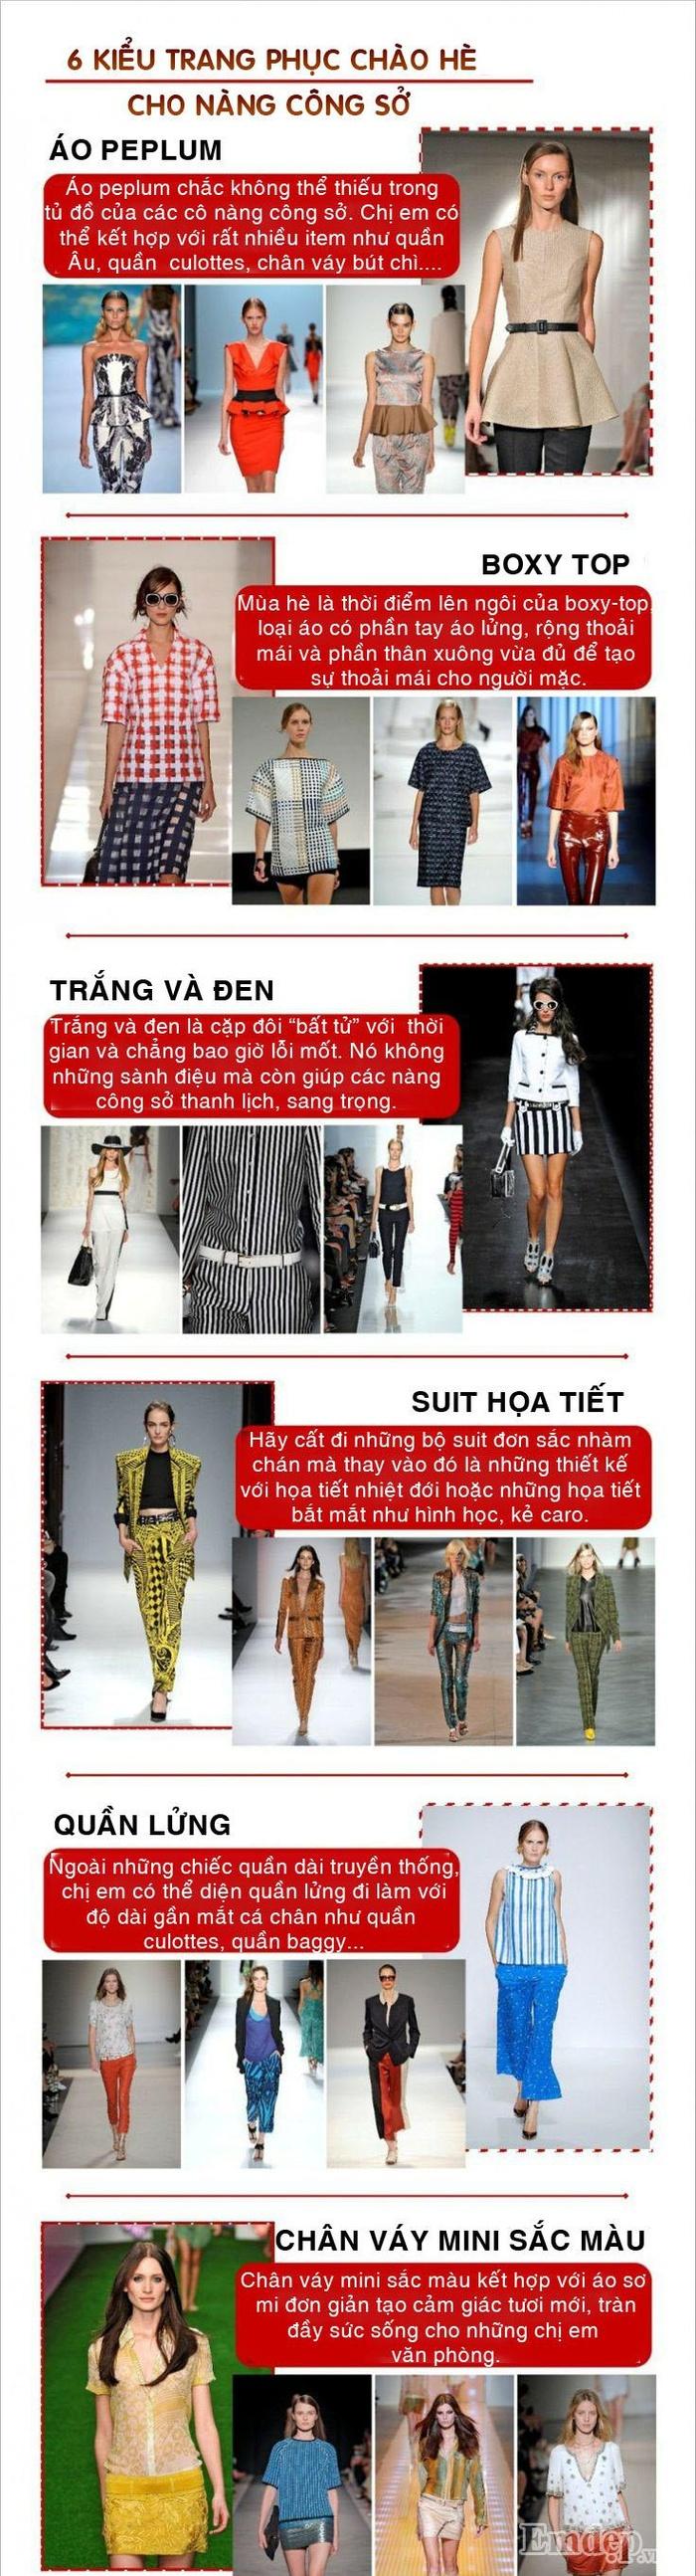 6 kiểu trang phục chào hè cho nàng công sở